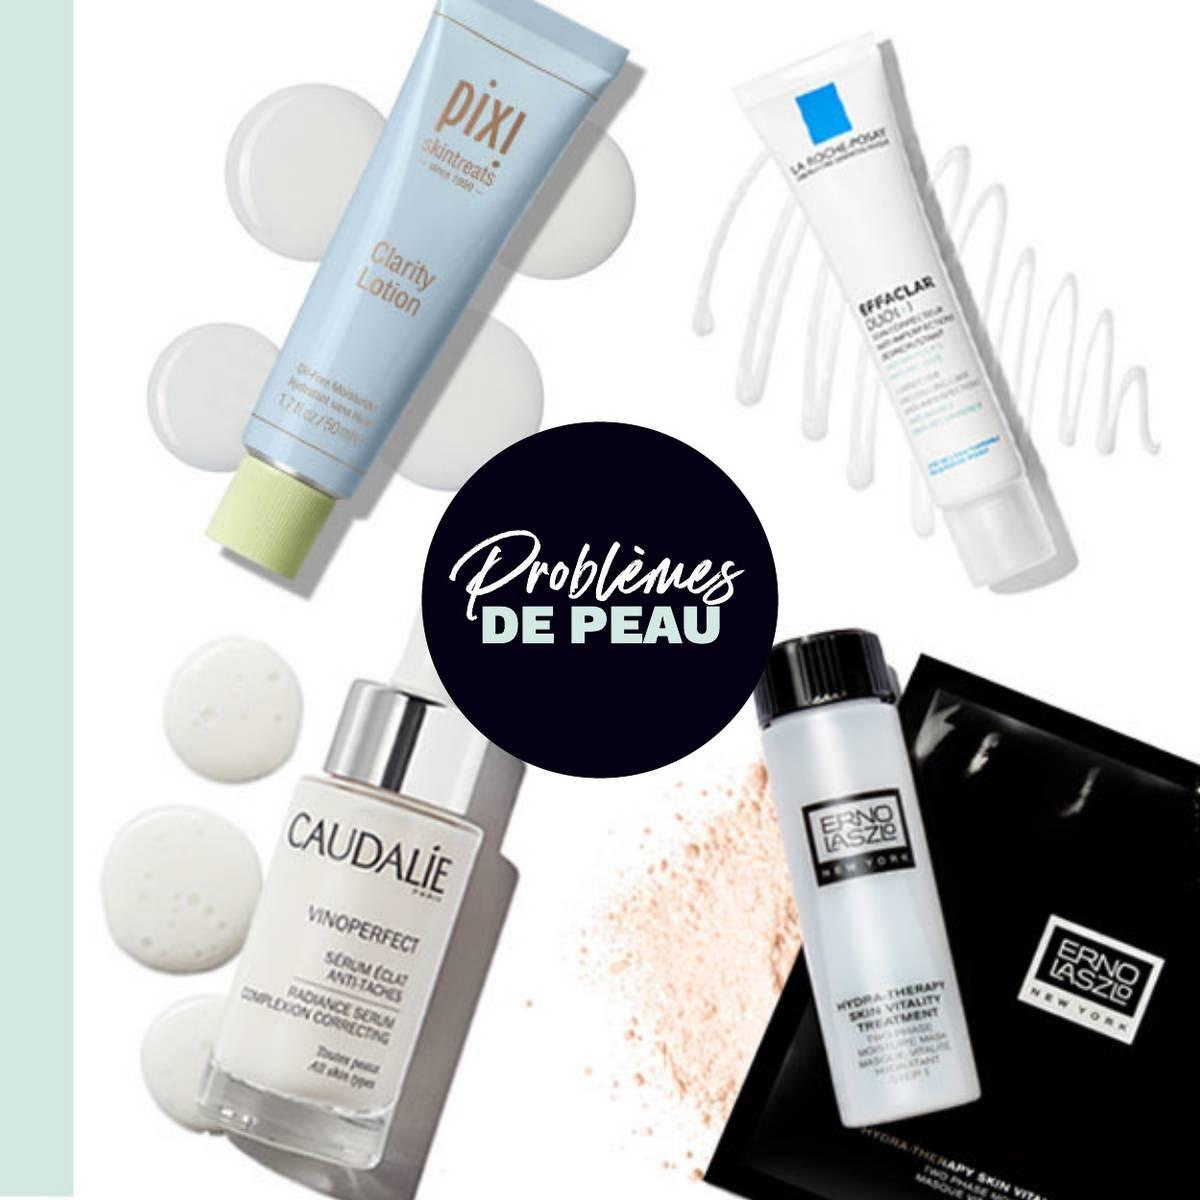 Faites vos achats en fonction de vos problèmes de peau pour obtenir les meilleurs produits de soins pour la peau !